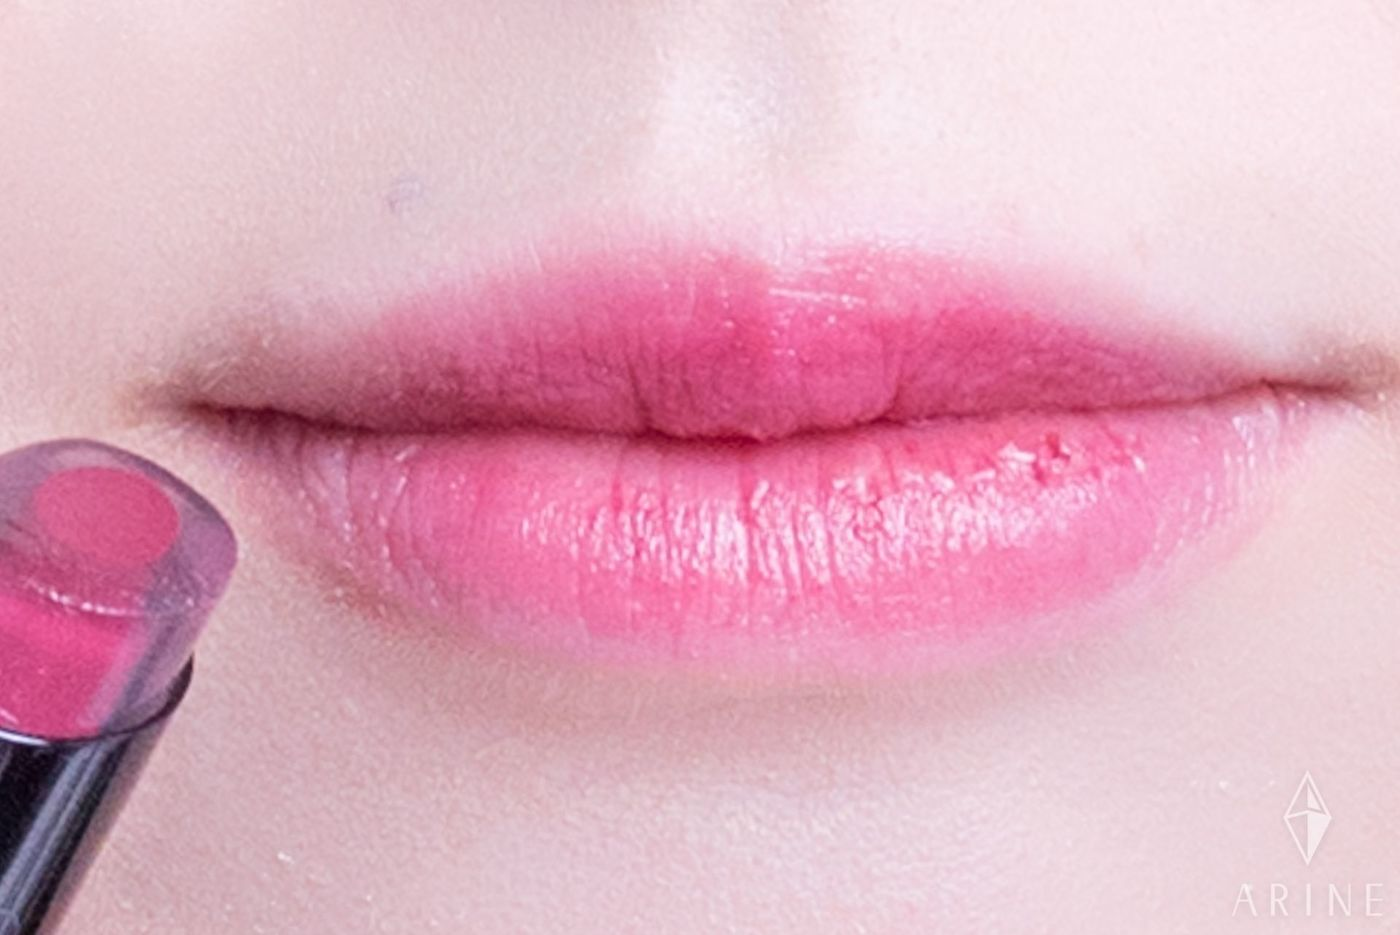 スモーキーがおしゃれ♡透明感を与えてくれるくすみピンクリップ特集の11枚目の画像